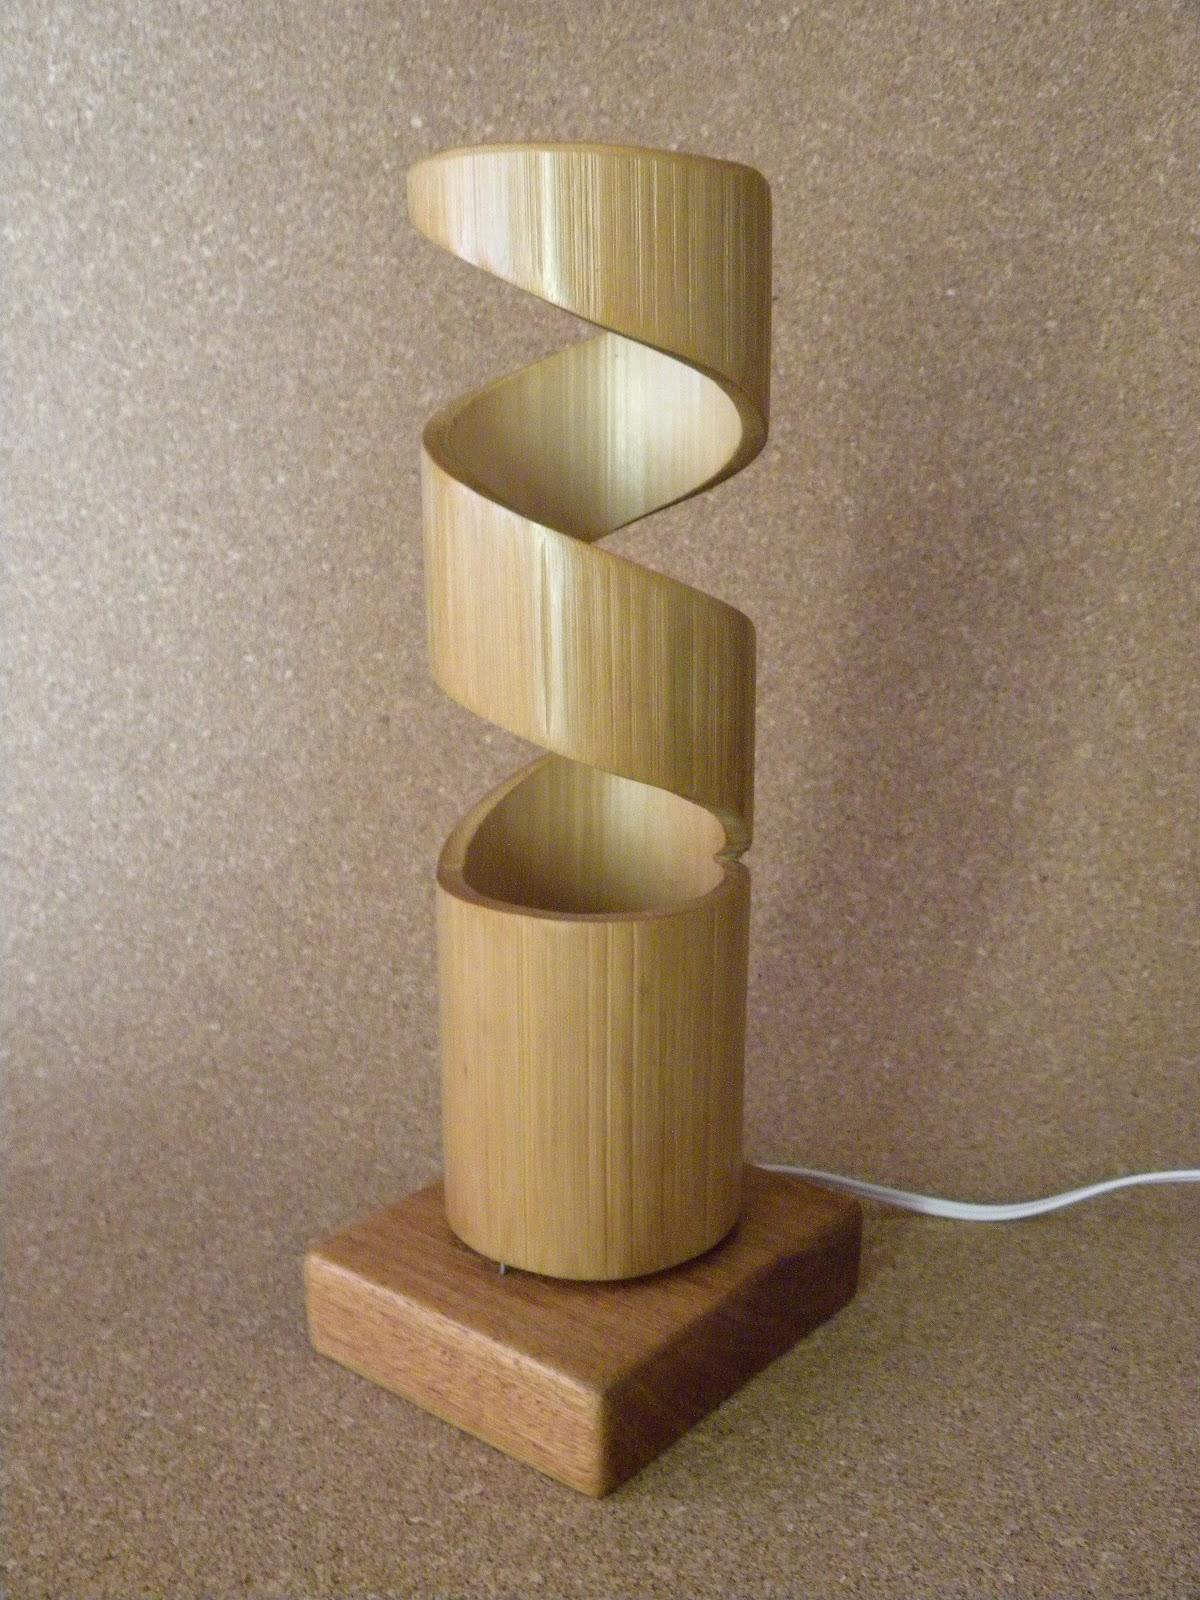 Artesanato Em Florianopolis Sc ~ Atelier do Jonjoca Luminárias de bambu algumas idéias